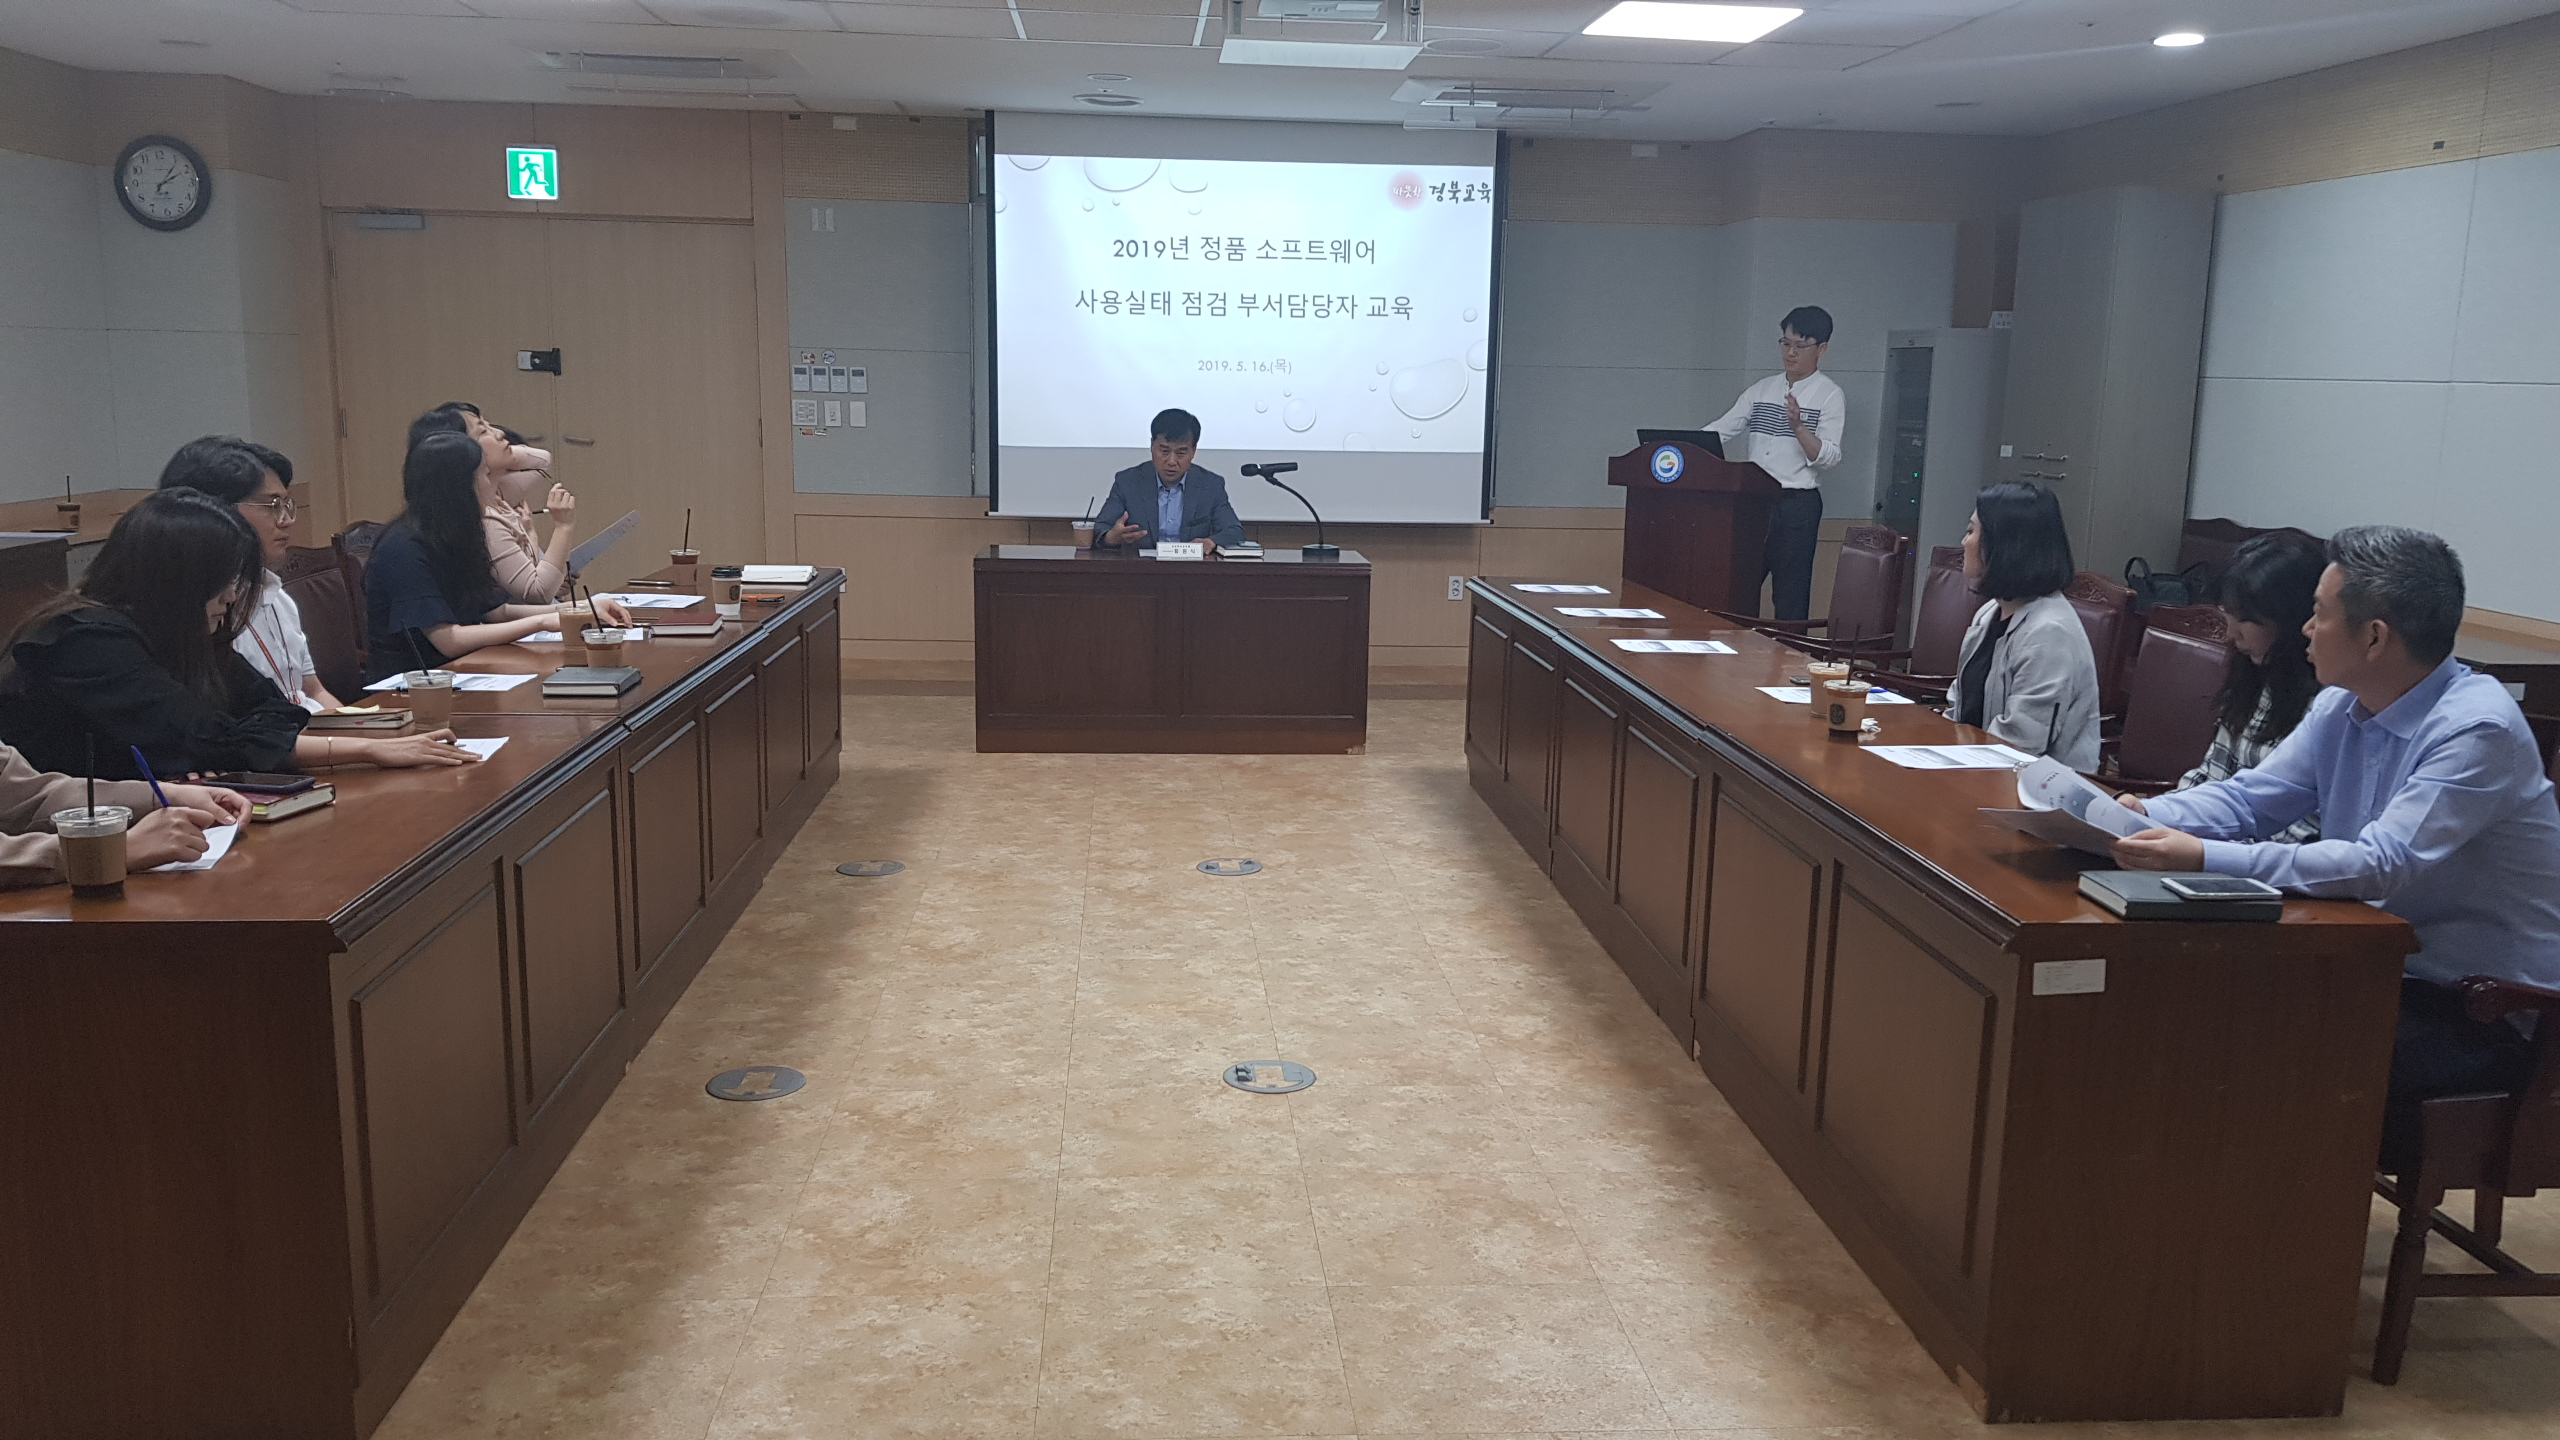 경북교육청 정품 소프트웨어 사용률 100%!!